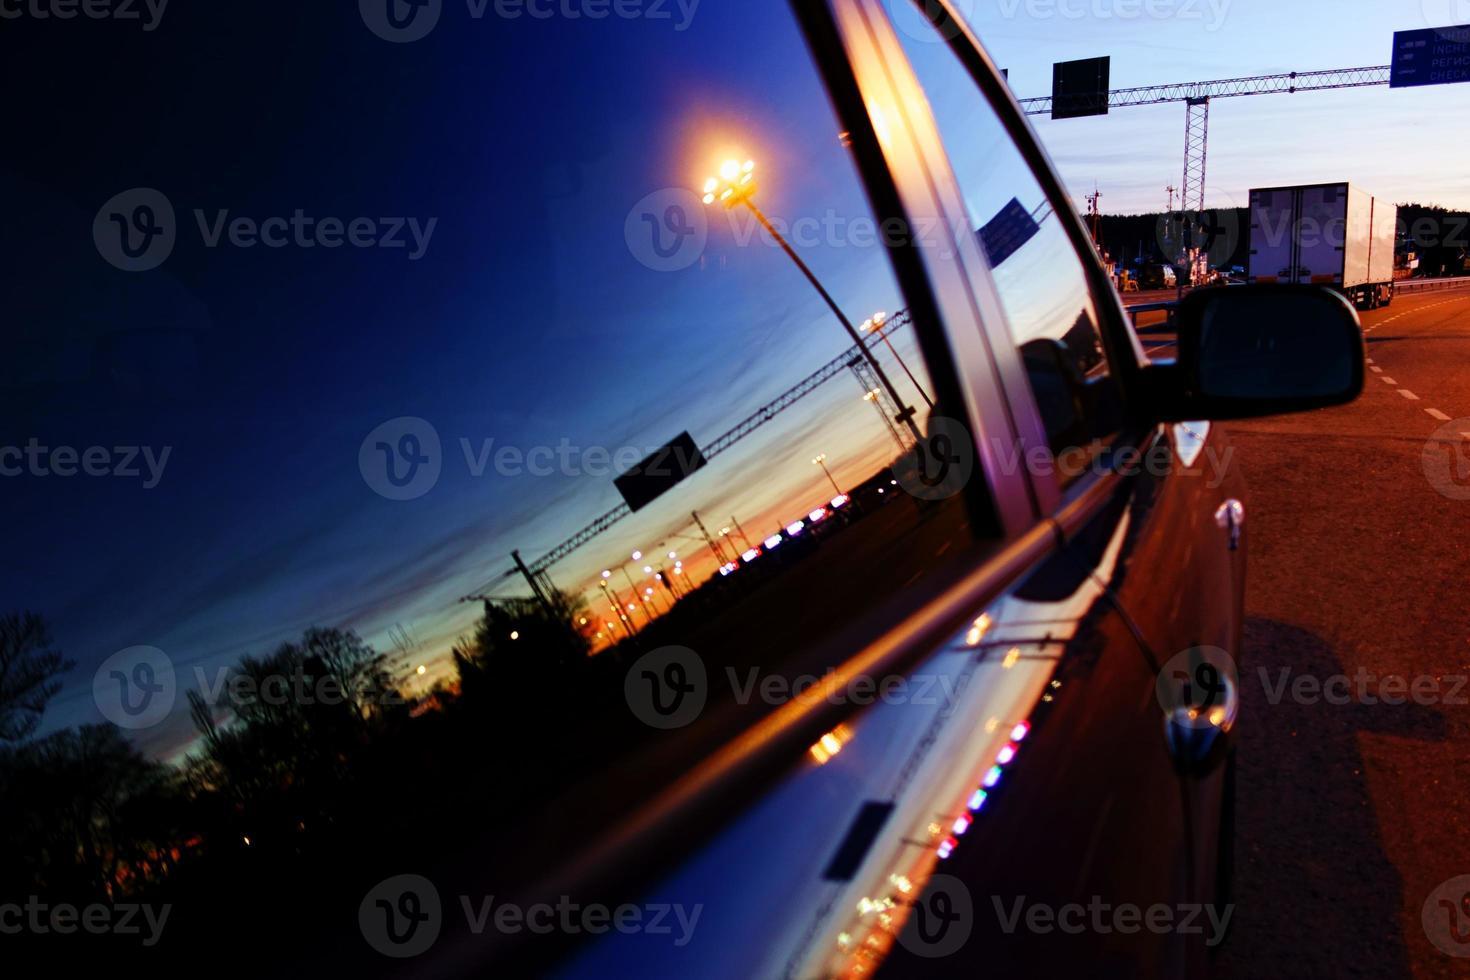 weerspiegeling van een ondergaande zon in de haven van Turku in een autoruit foto